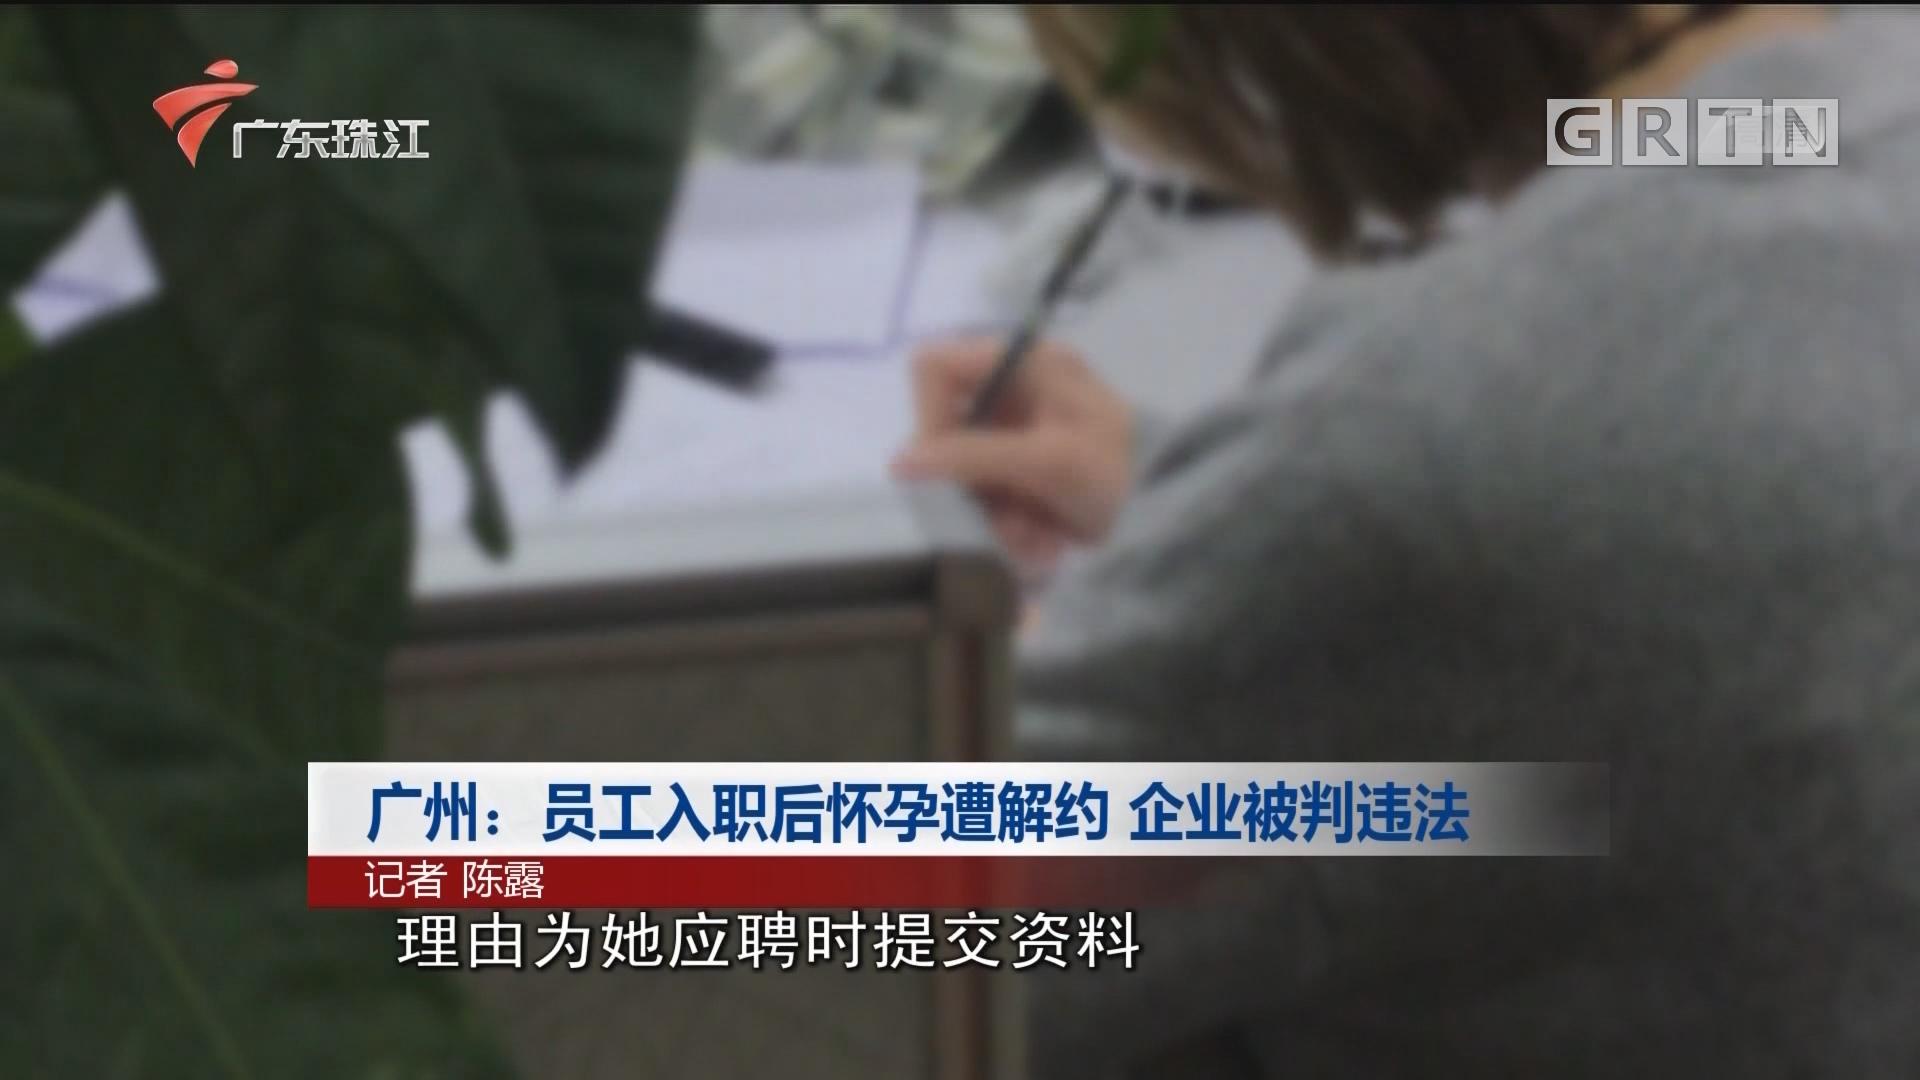 广州:员工入职后怀孕遭解约 企业被判违法